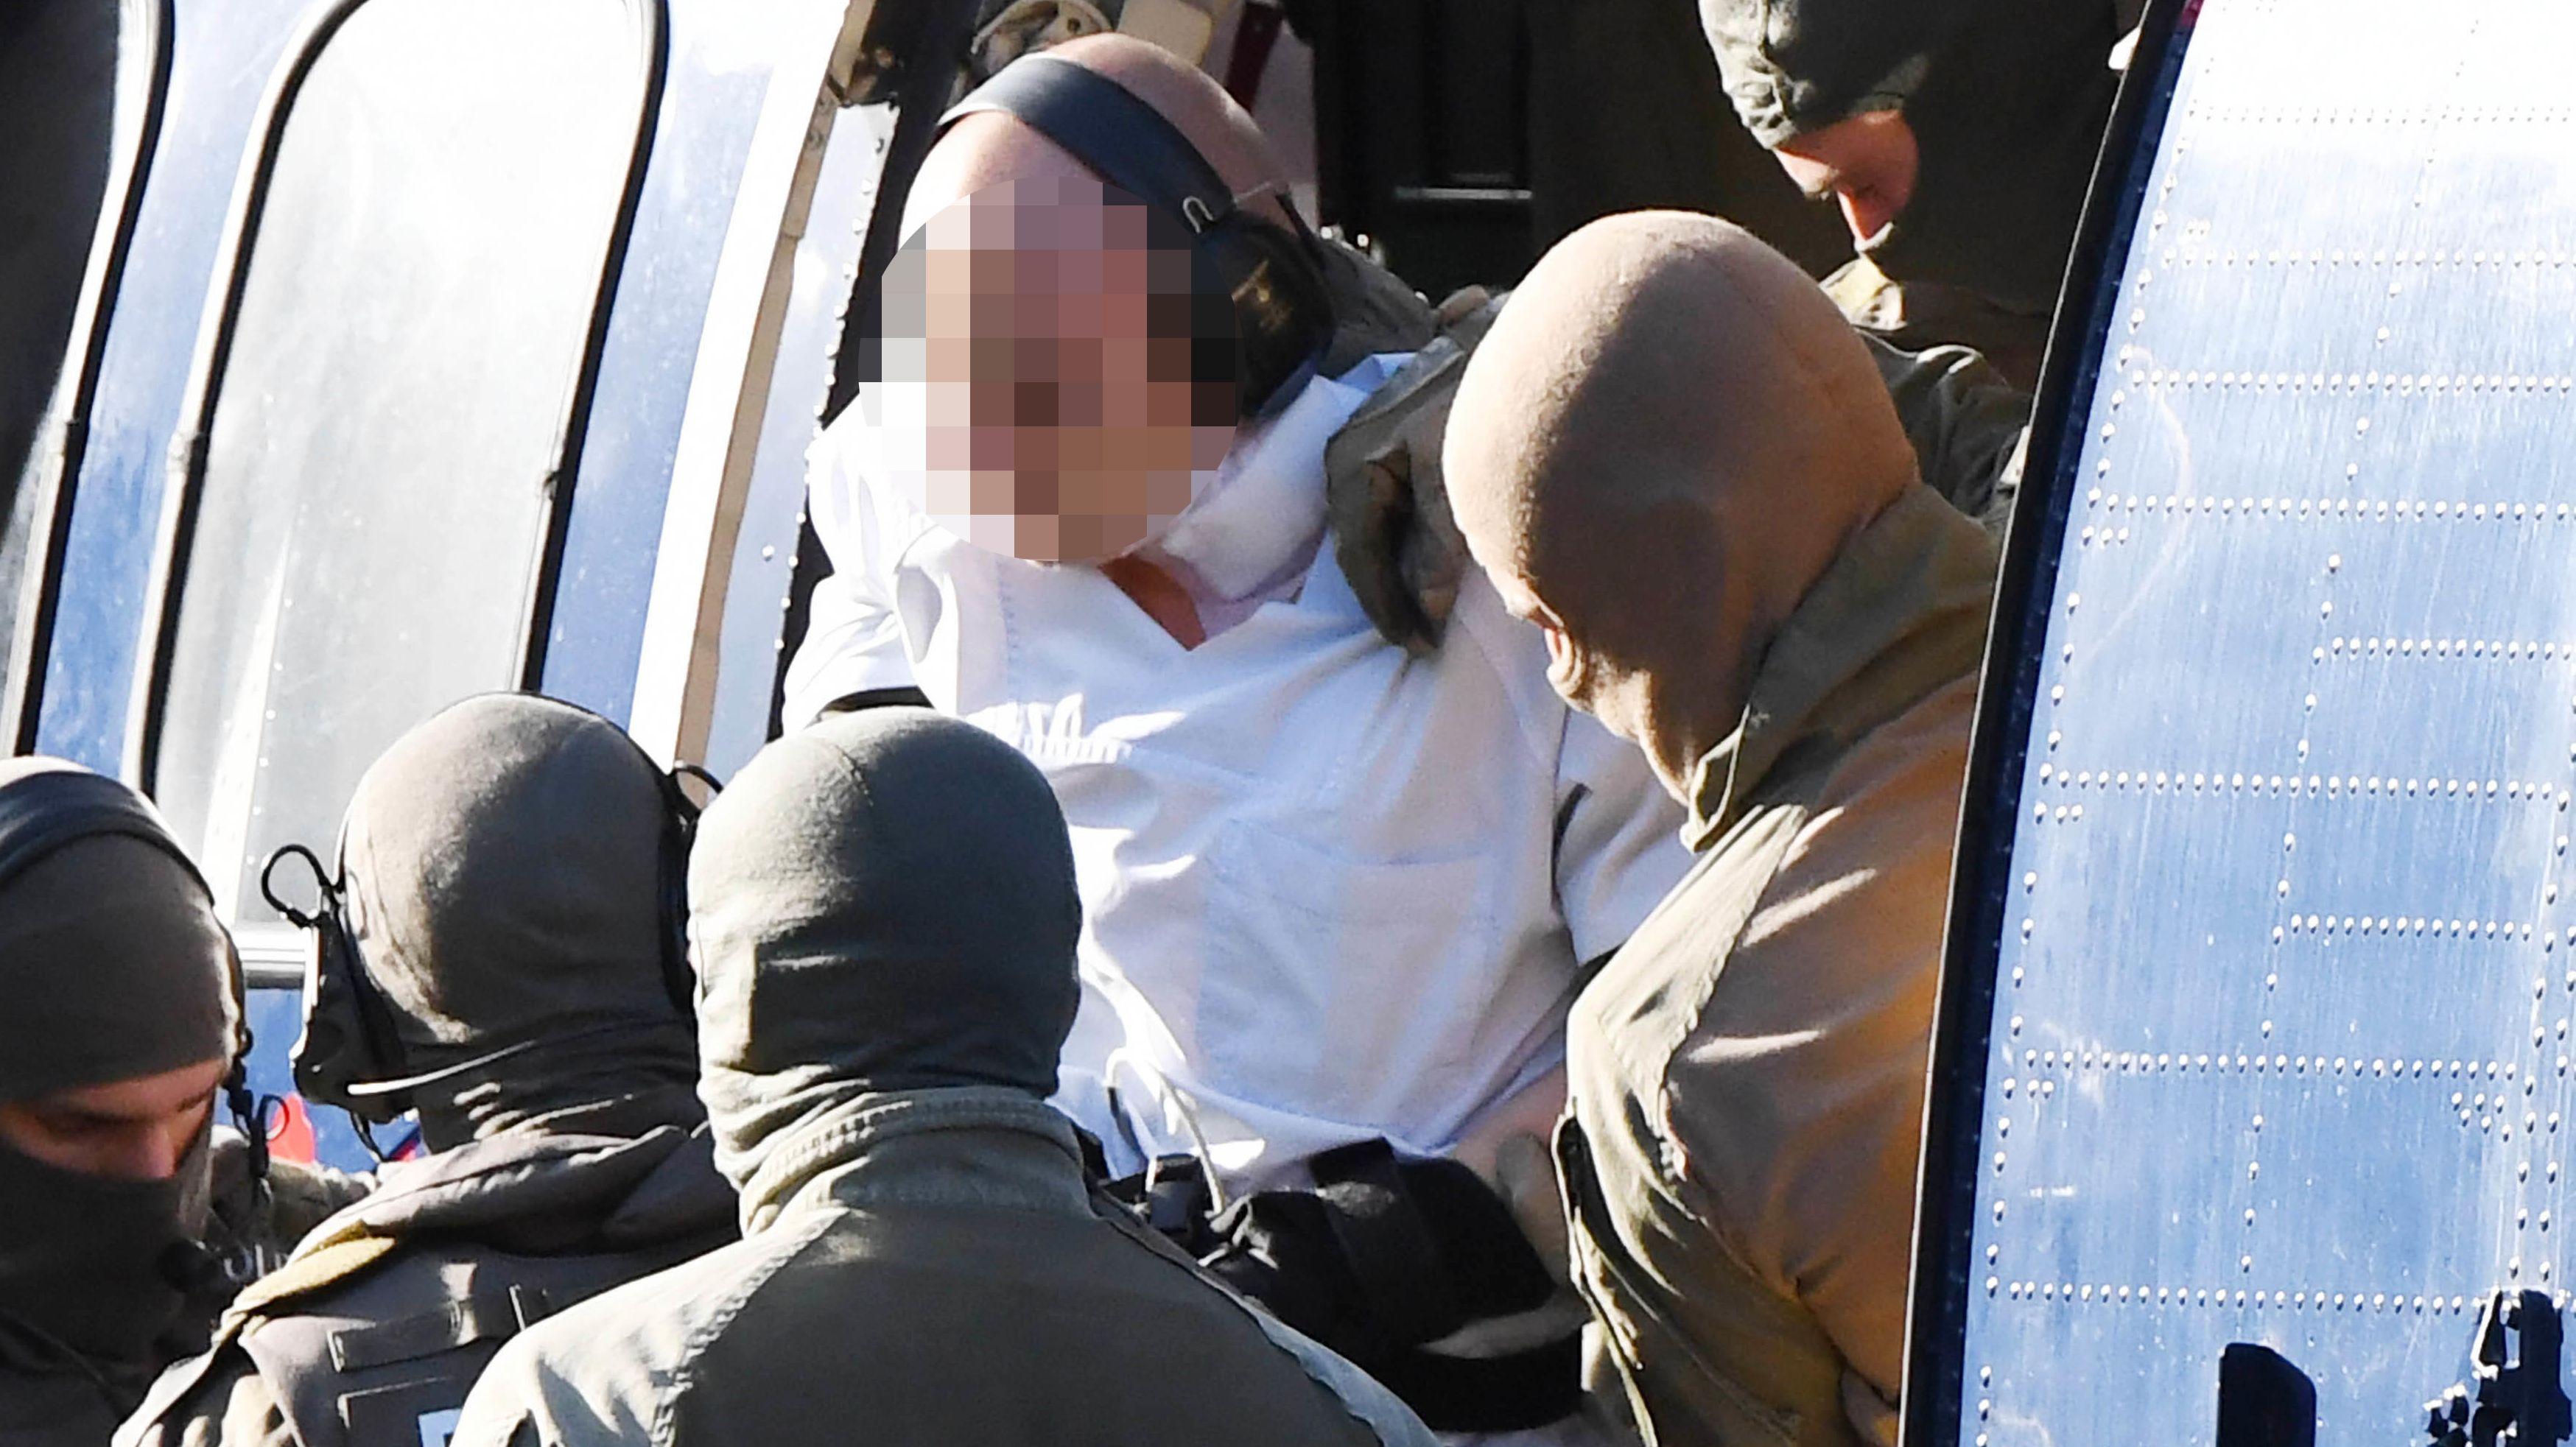 Karlsruhe: Mutmaßlicher Attentäter von Halle wird von Polizisten aus einem Hubschrauber gebracht